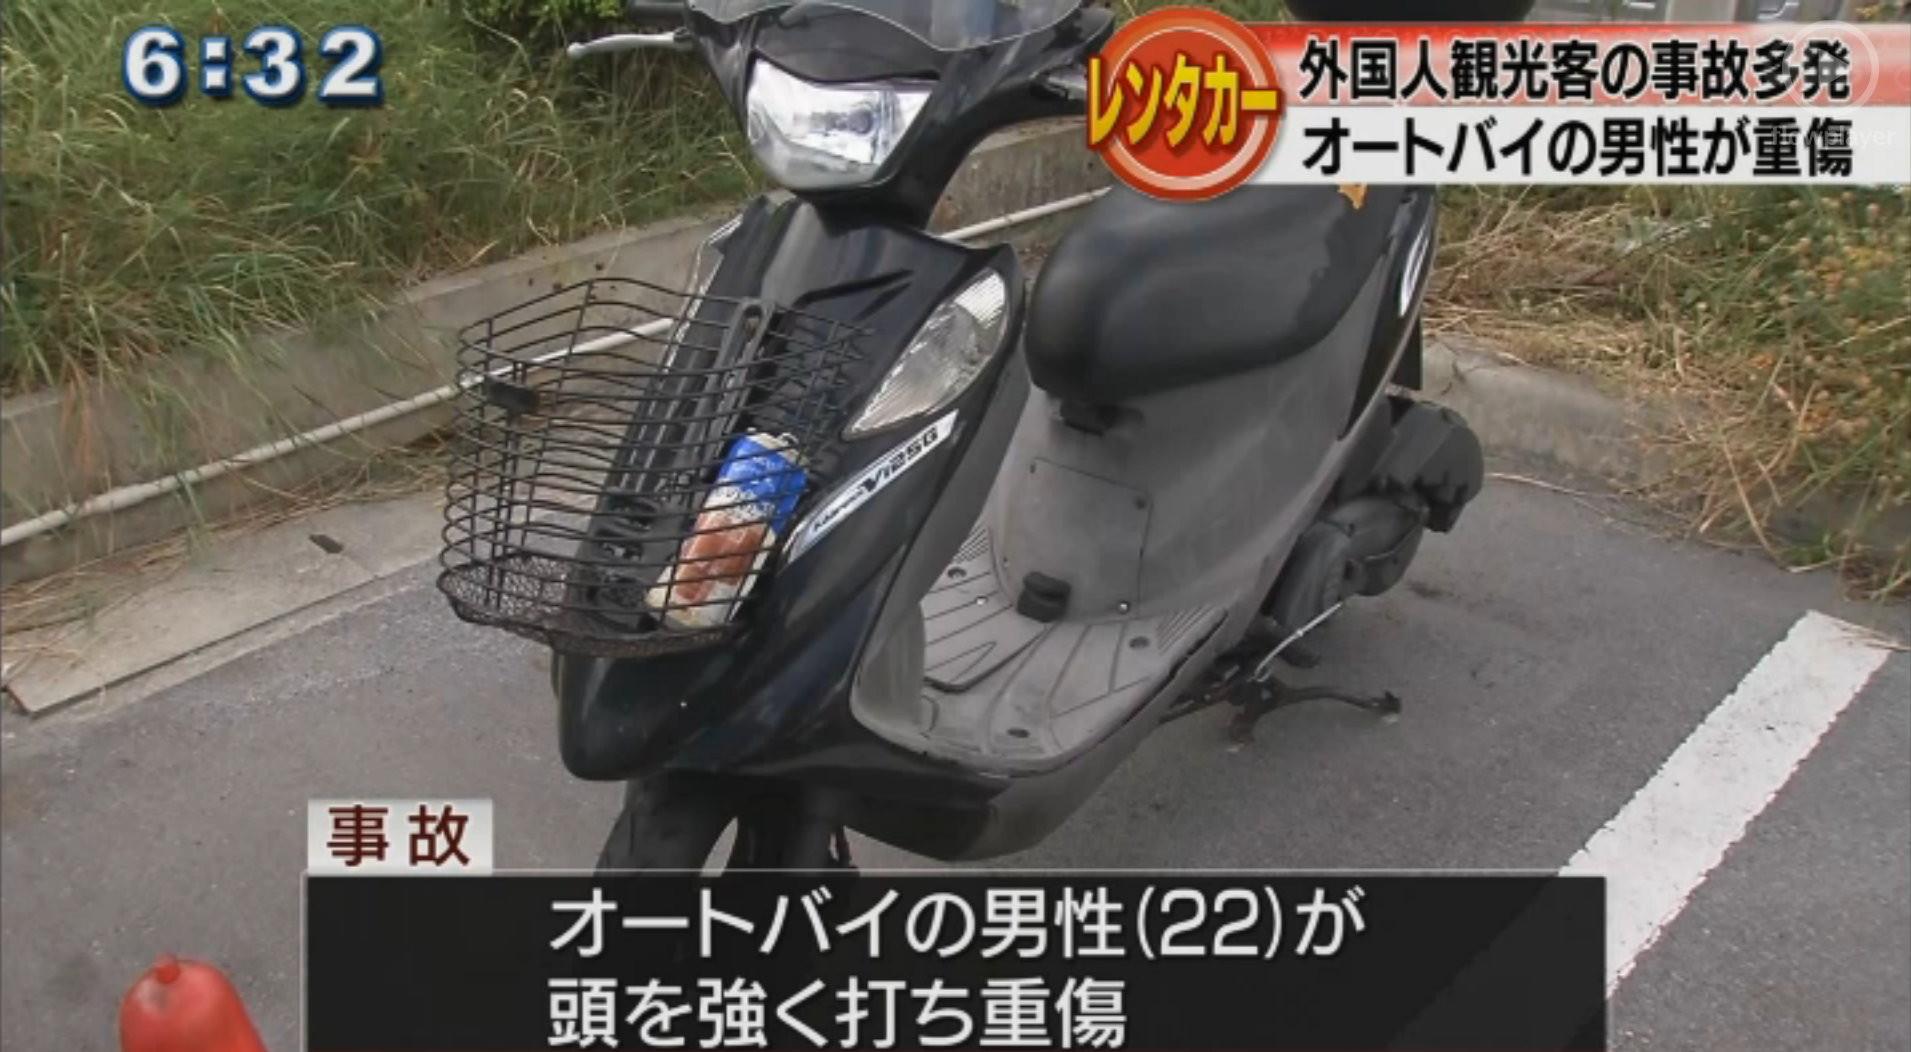 台灣一名男子在沖繩租車,結果不習慣右駕,撞傷一名22歲男騎士。(圖/翻攝《琉球朝日放送》)